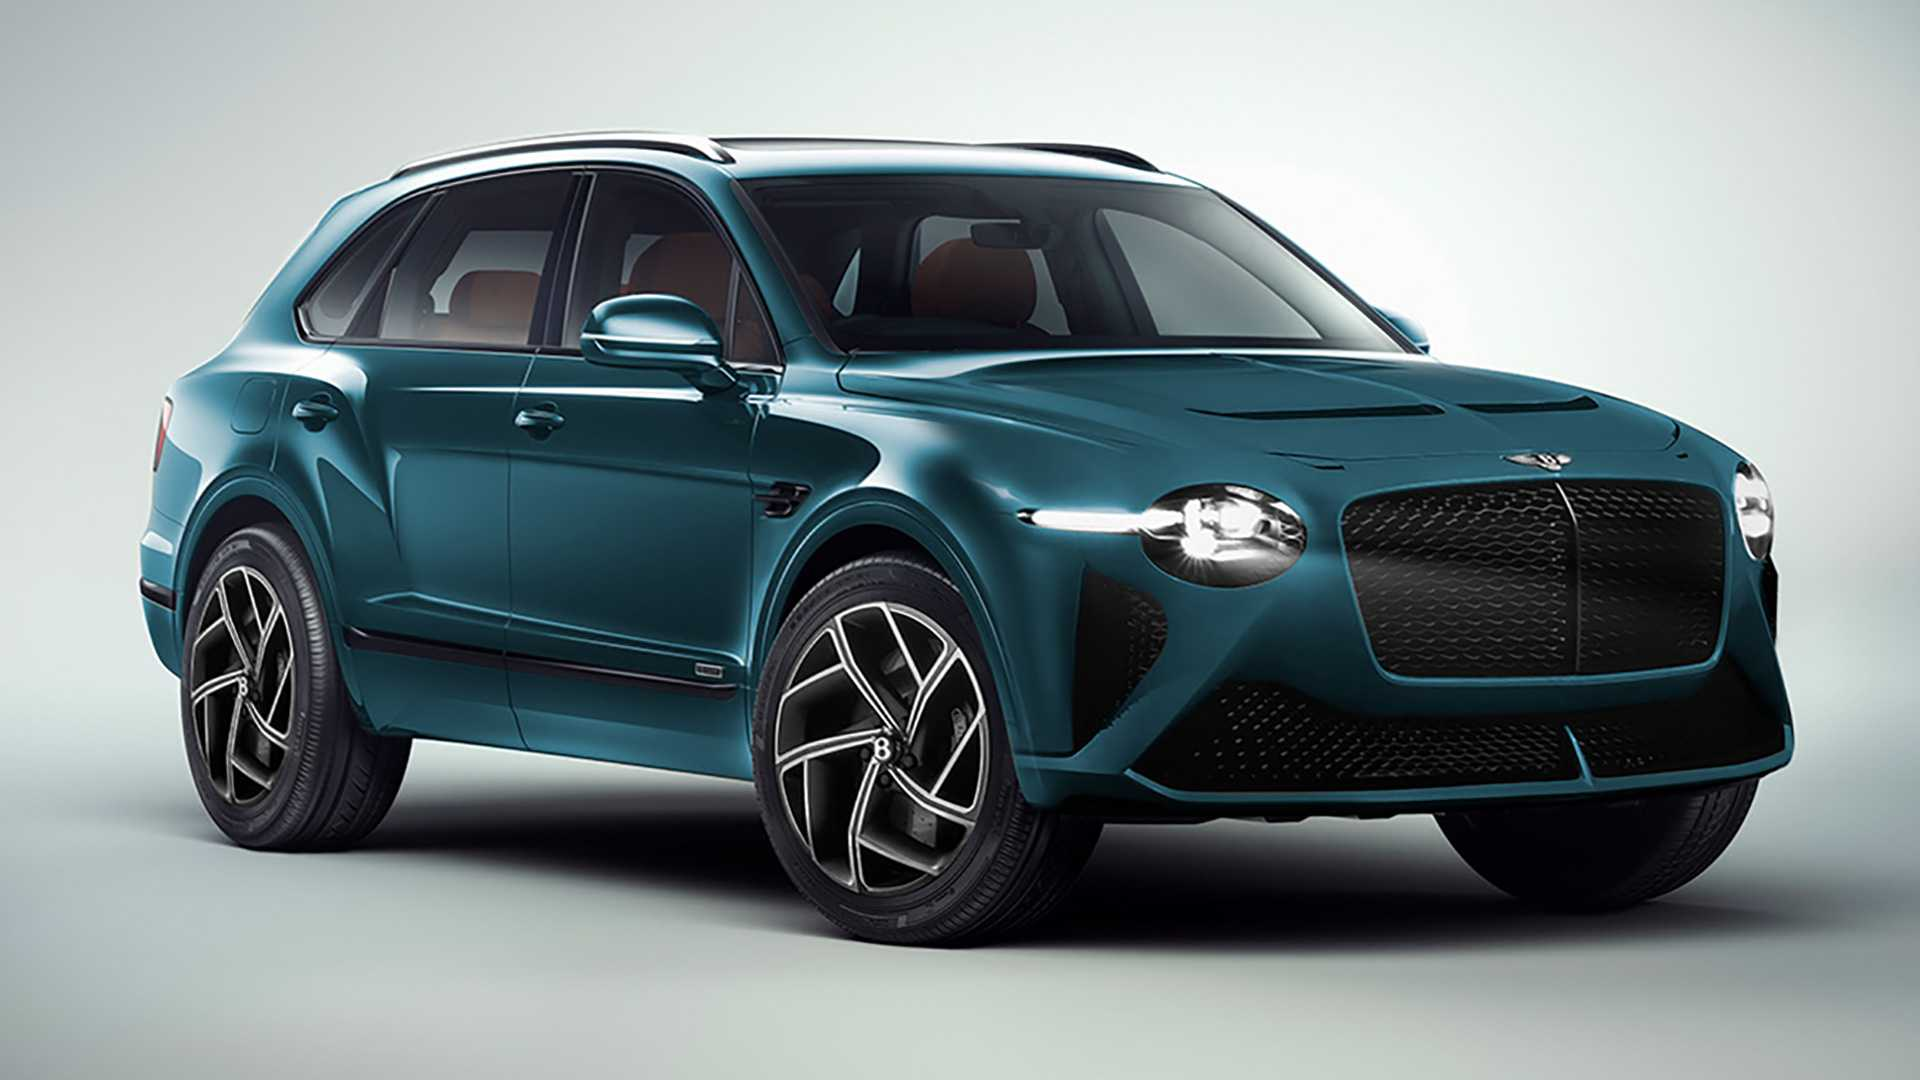 Bentley Bentayga Facelift Gets Bacalar Fron End In New Renderings